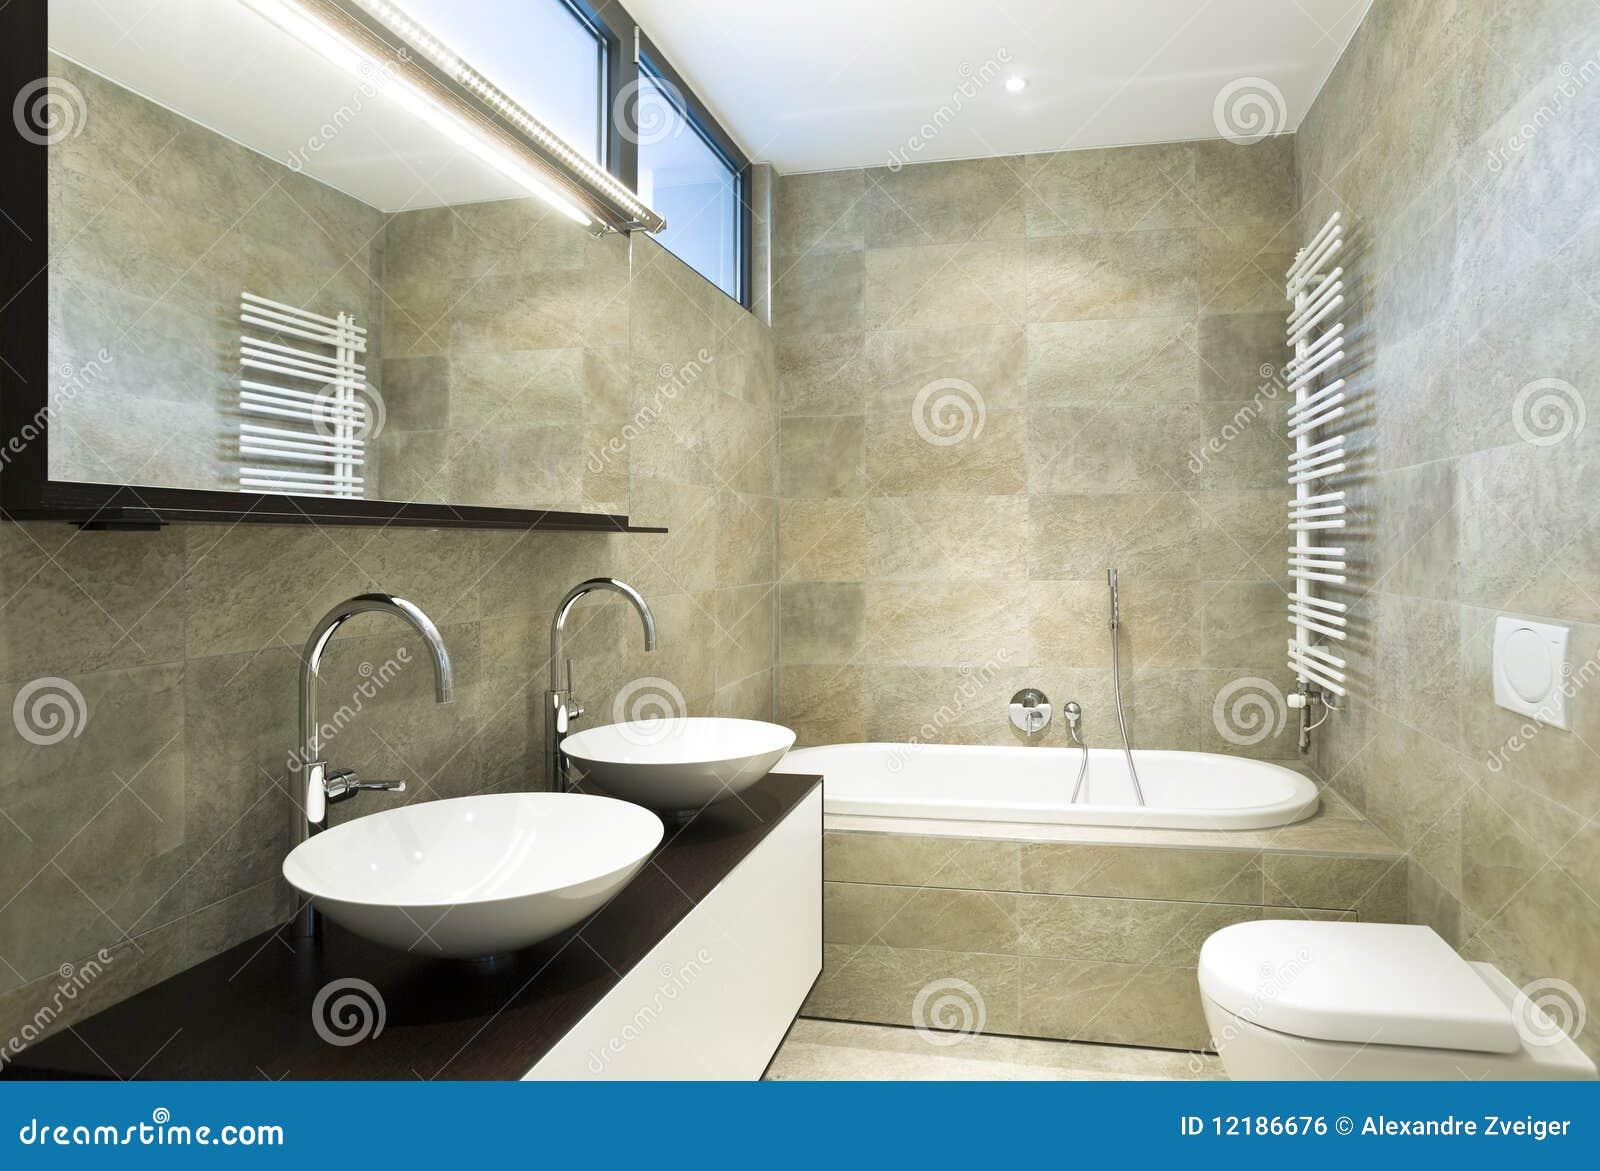 Mooie Badkamers Fotos : Binnenlandse mooie badkamers stock foto afbeelding bestaande uit